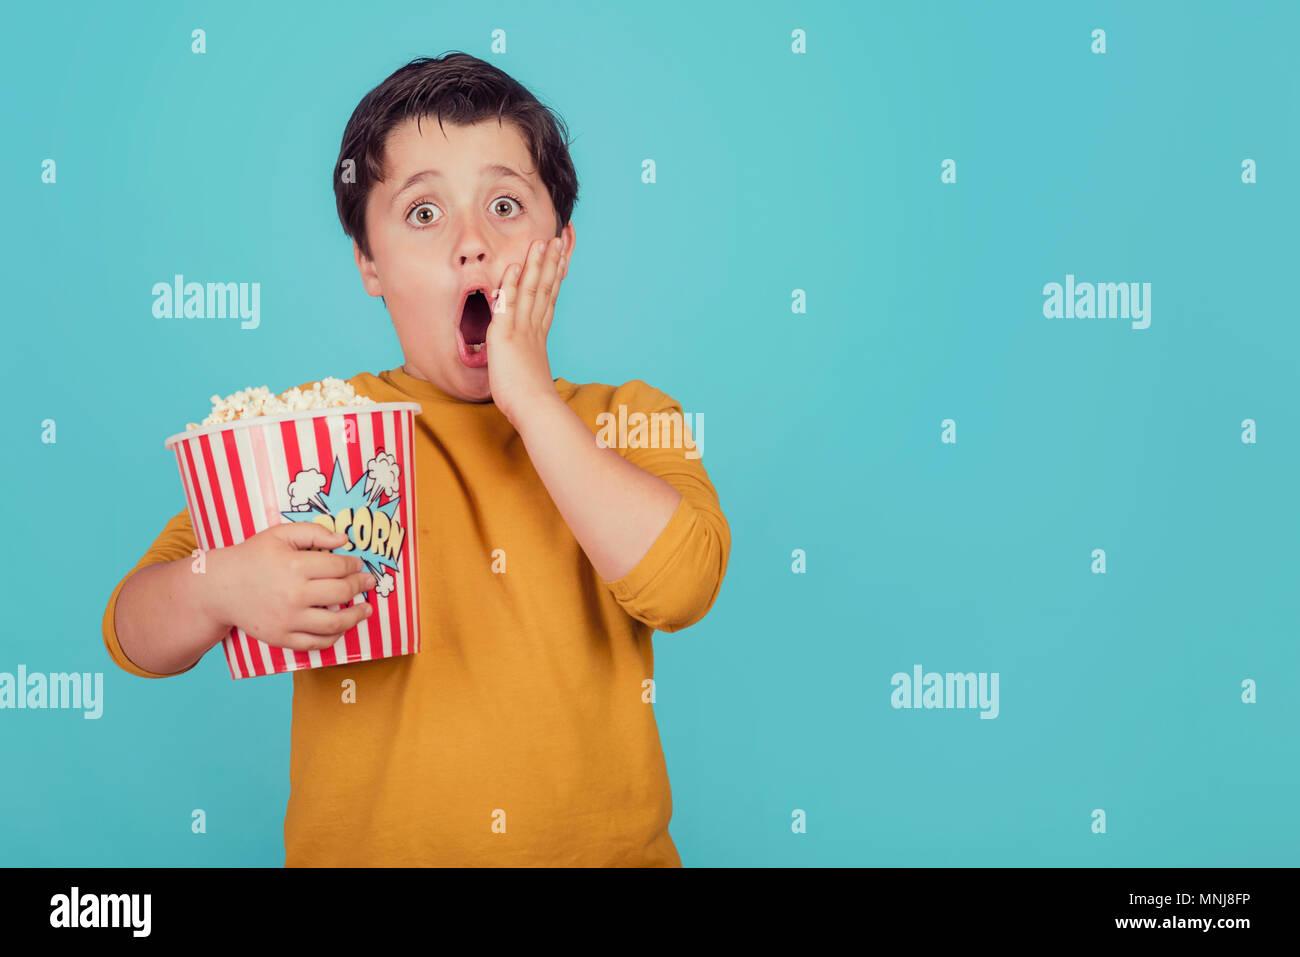 Überrascht Junge mit Popcorn auf blauem Hintergrund Stockbild